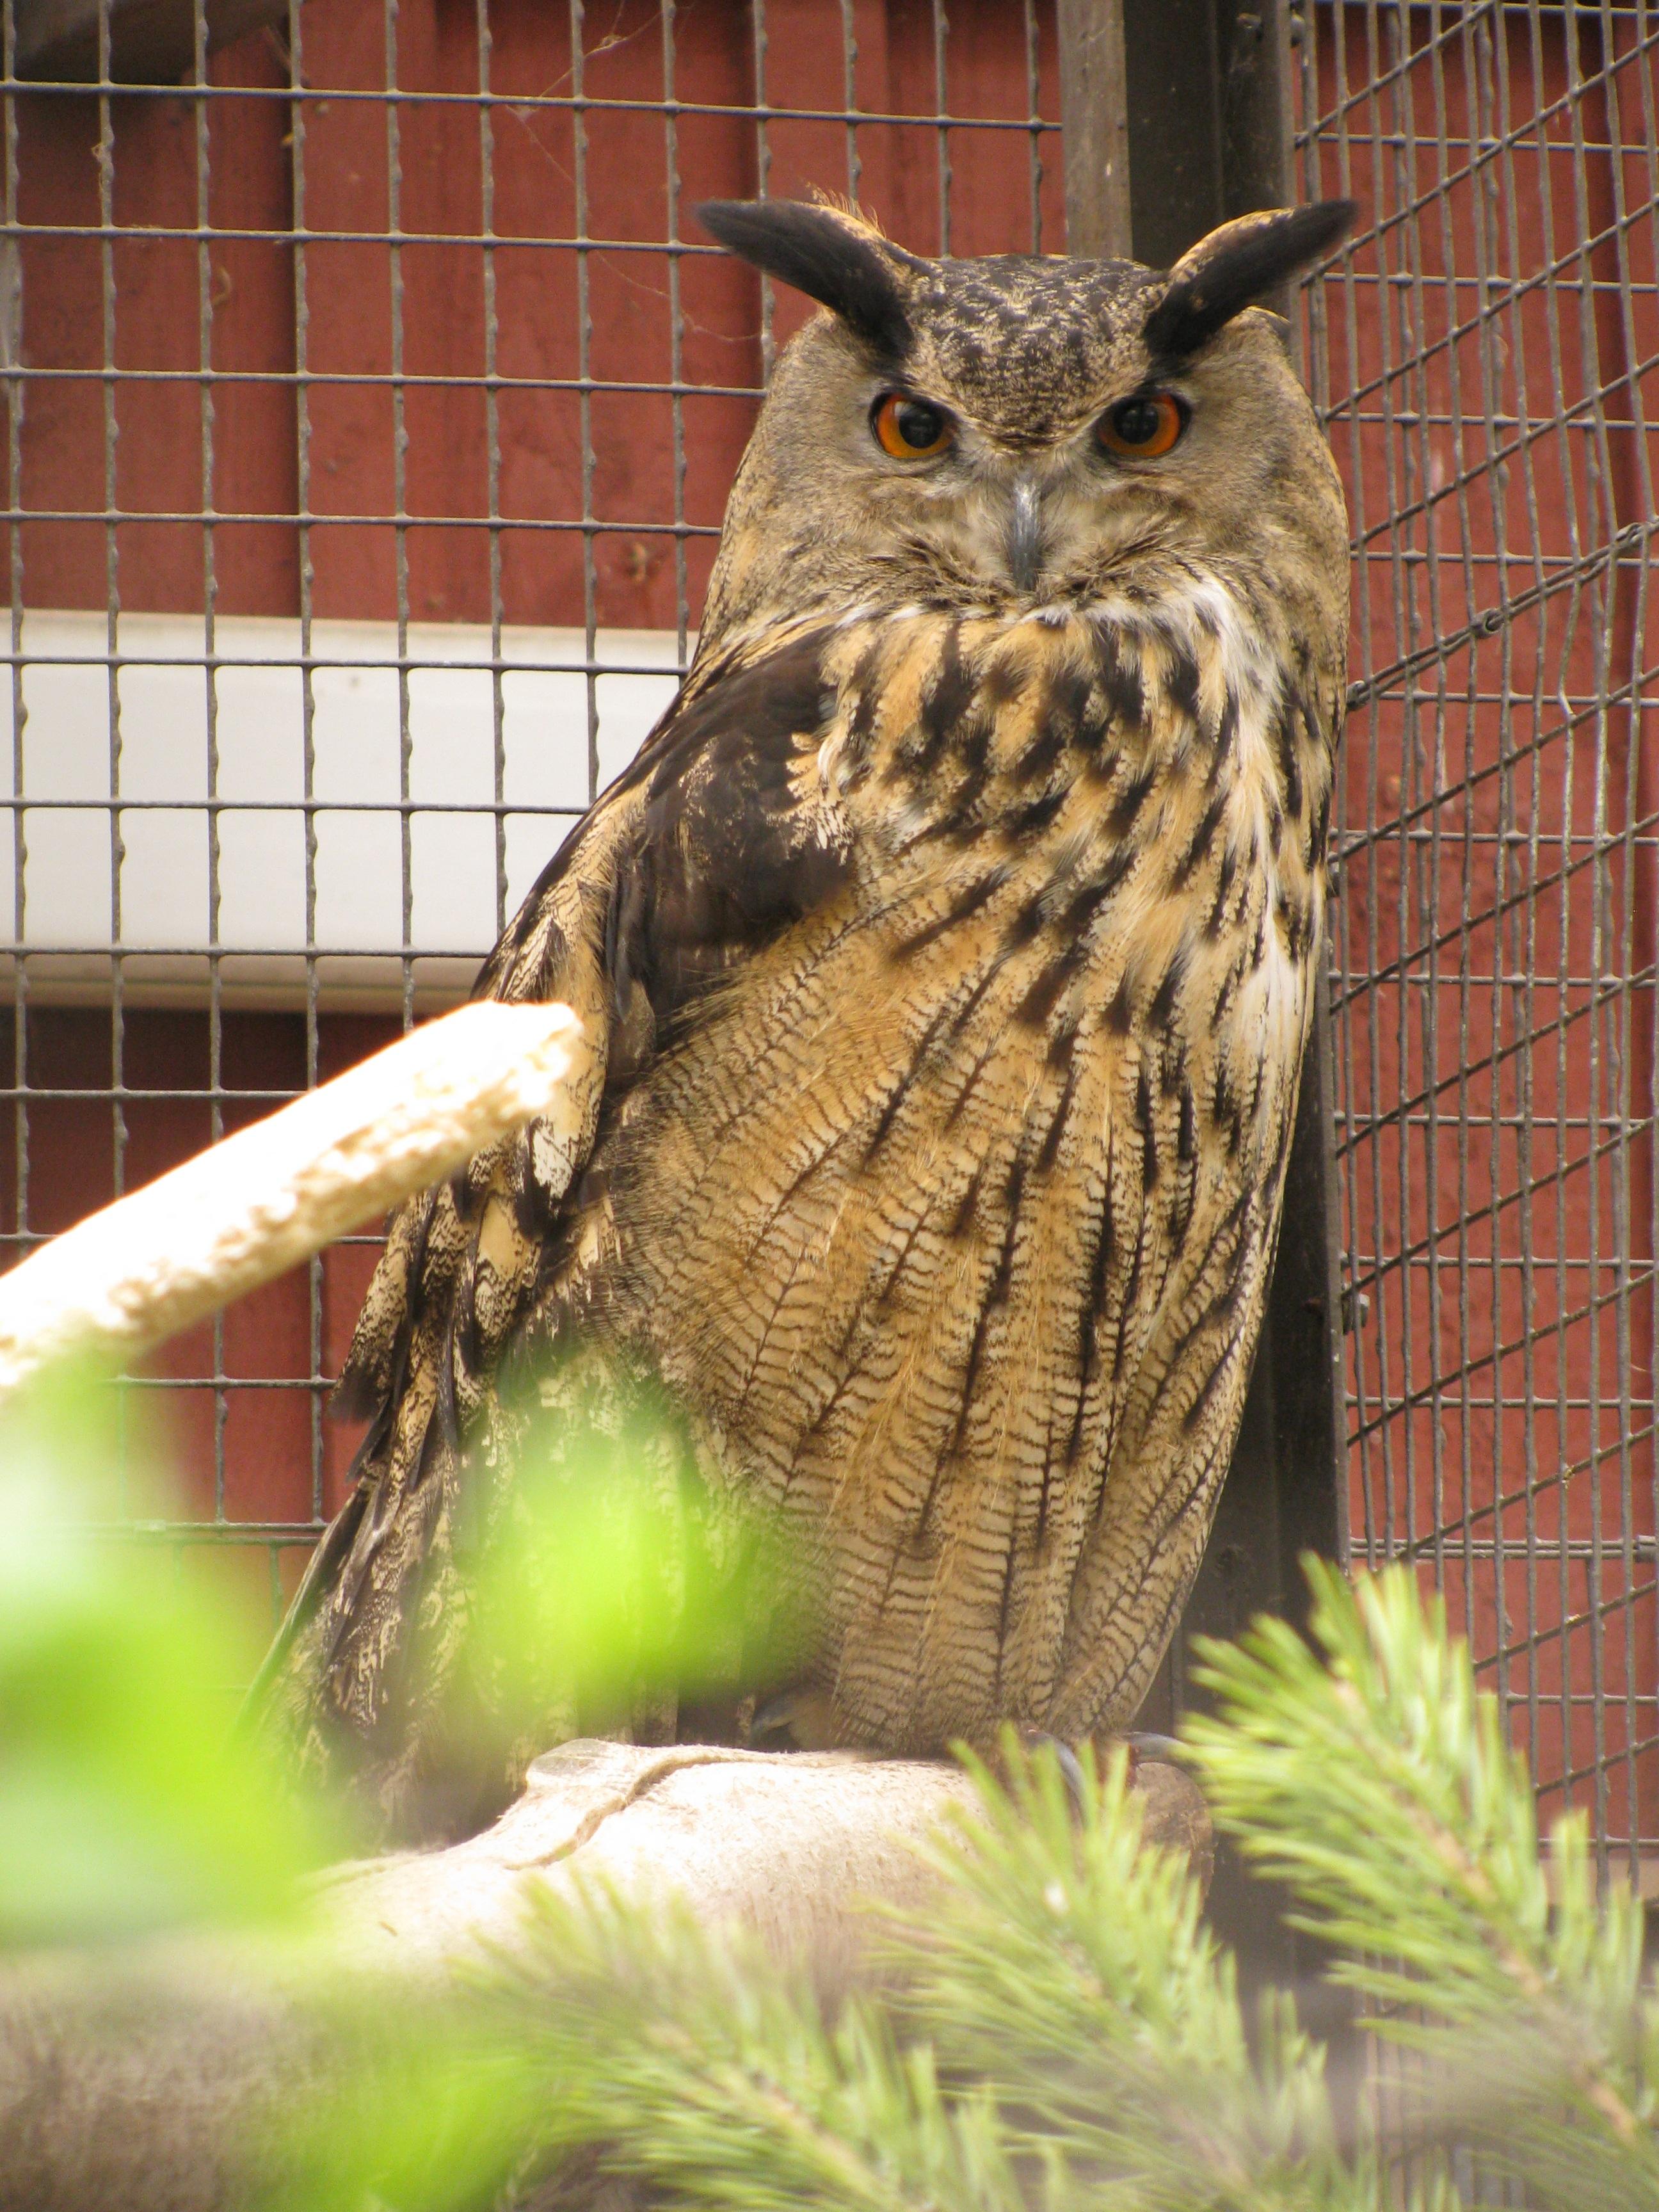 Free Images : nature, branch, wing, animal, wildlife, beak, fauna ...